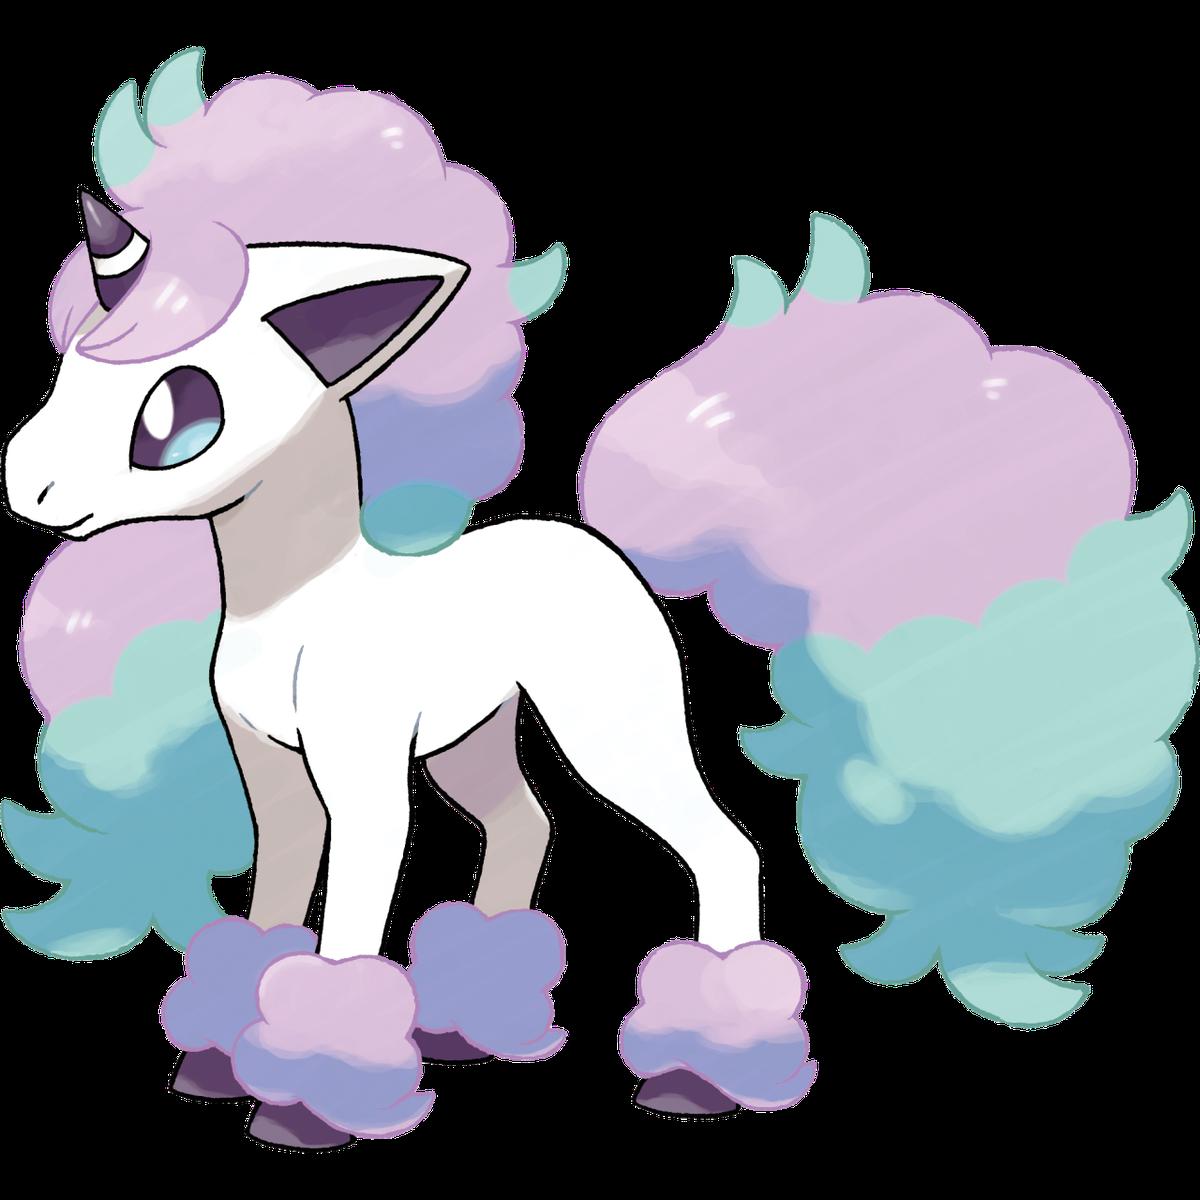 Galarian Ponyta es exclusivo de Pokémon Shield